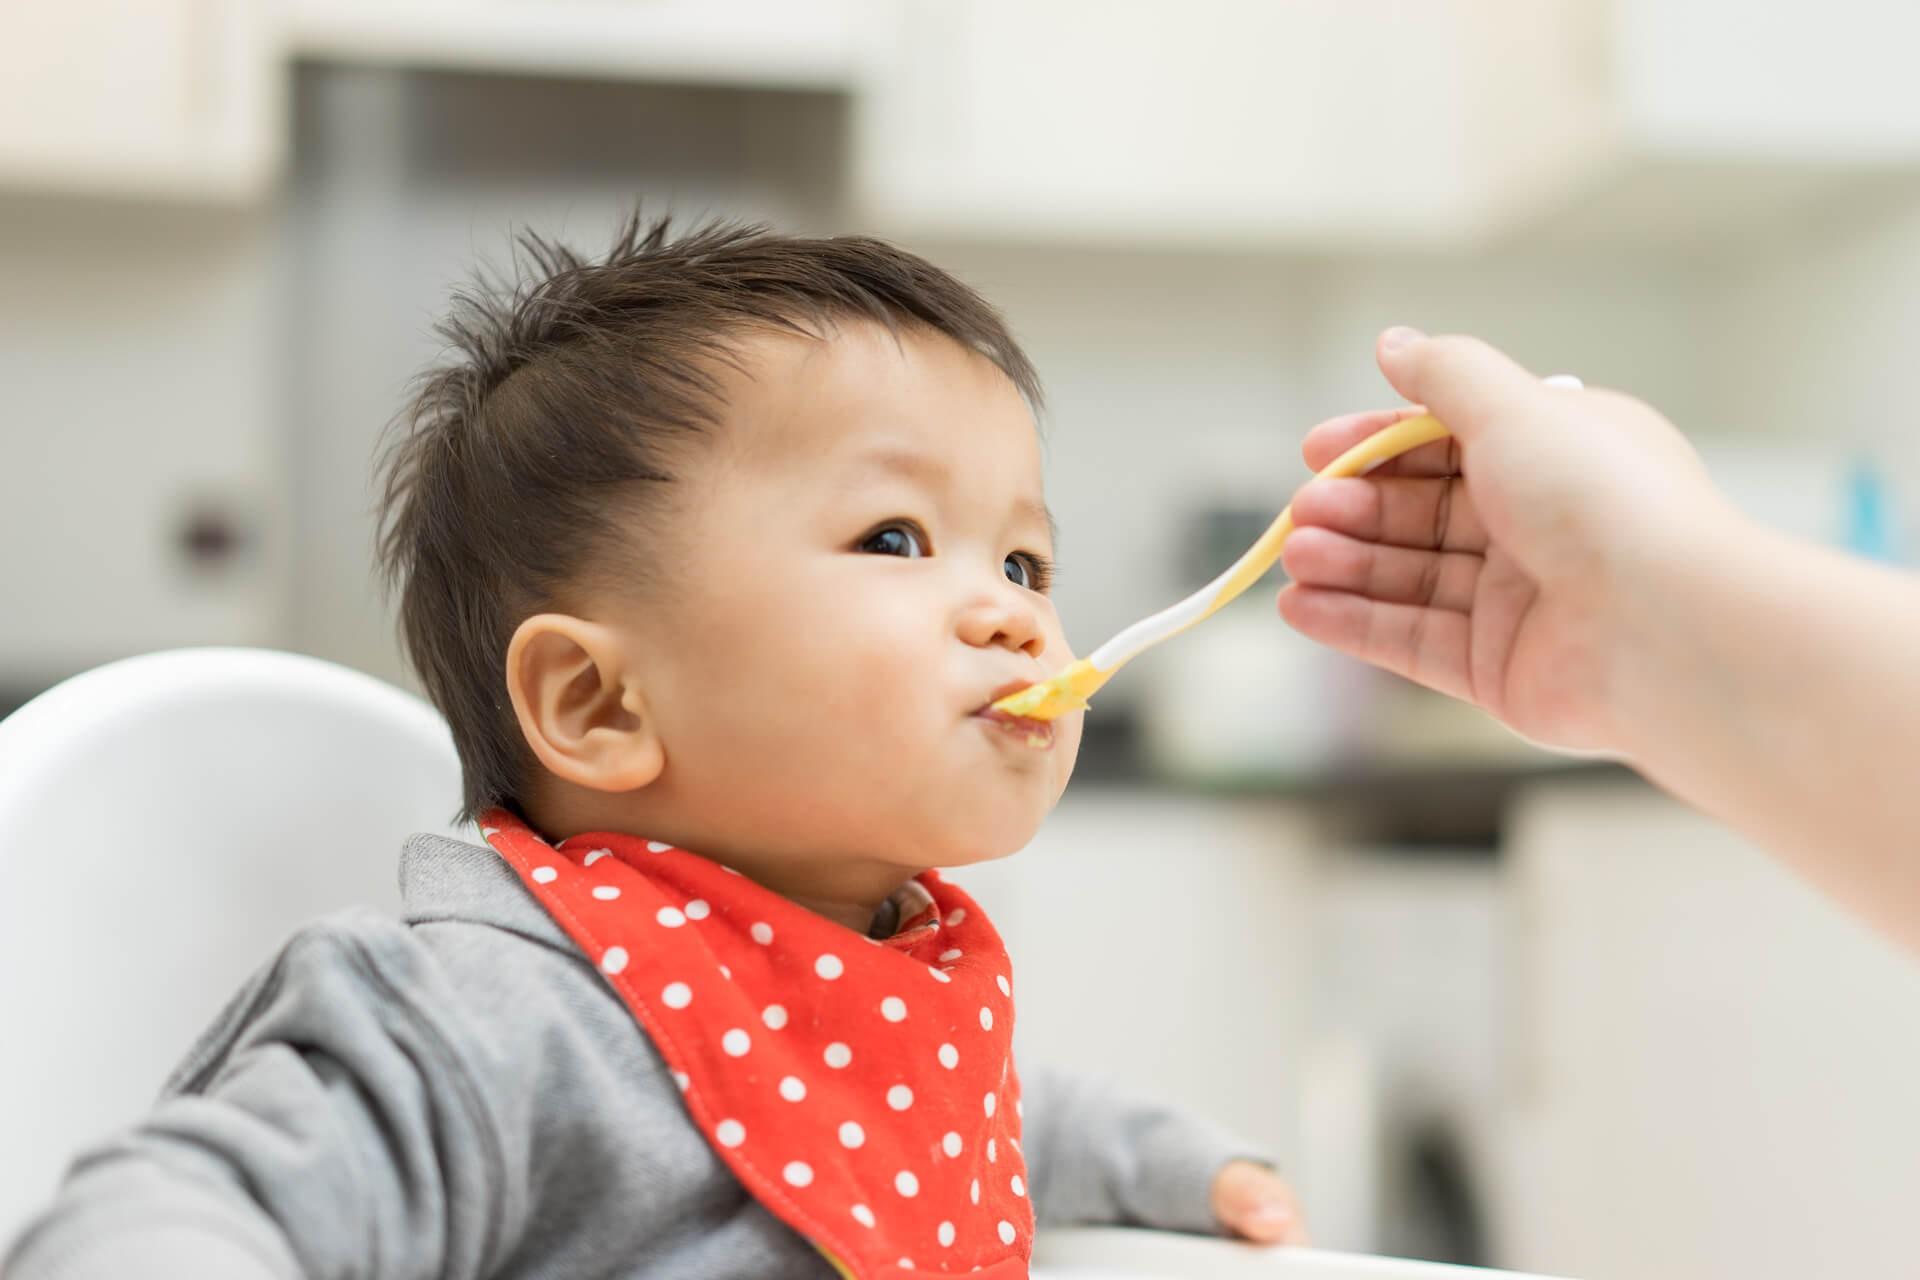 Chia sẻ sinh nghiệm cho bé dưới 1 tuổi ăn dặm dành cho các Mẹ